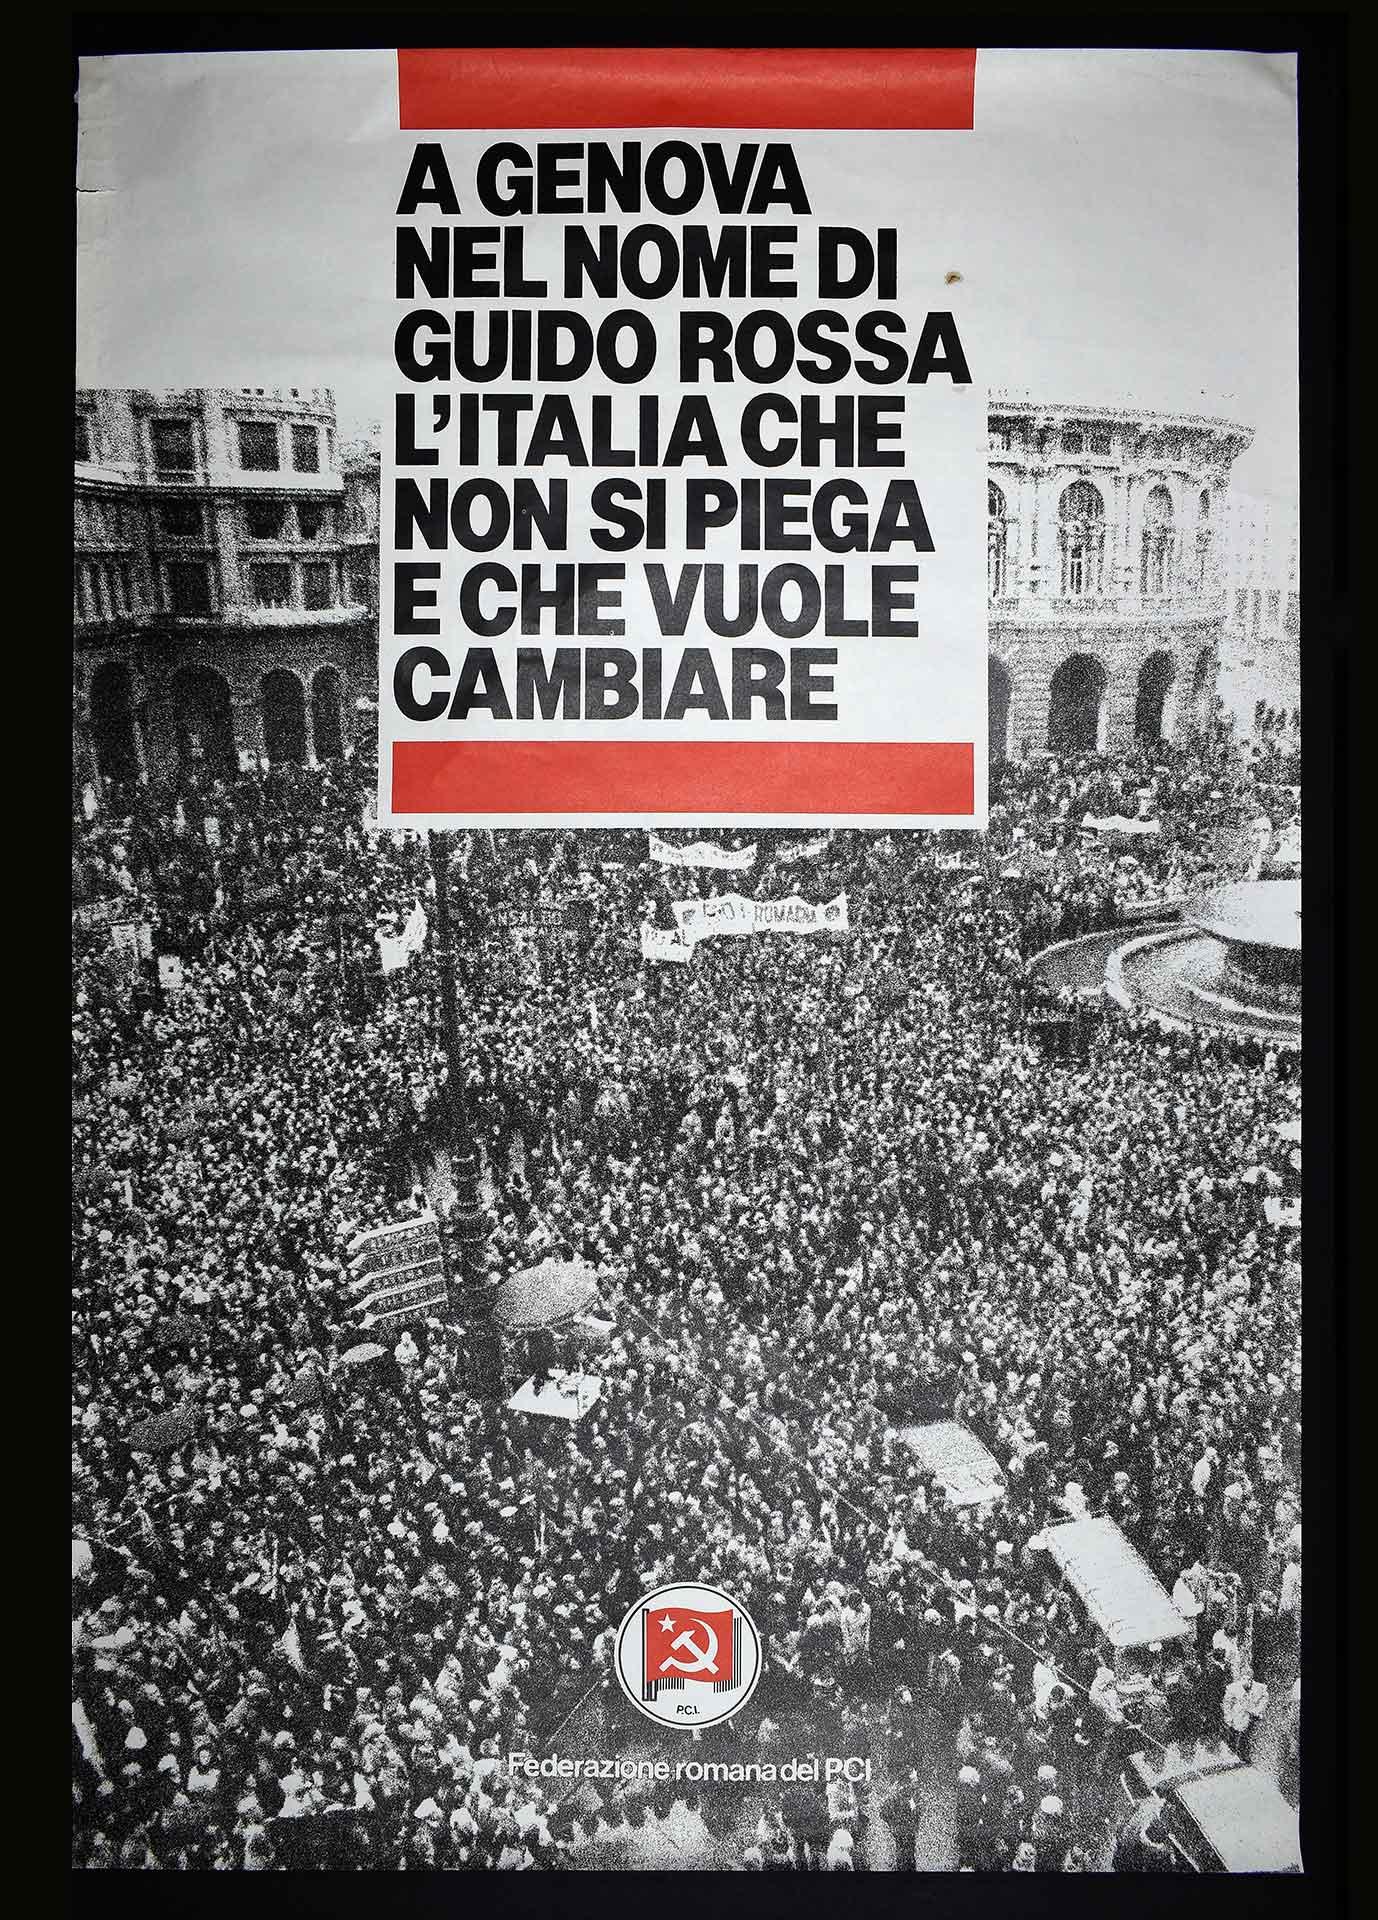 La Federazione romana del Partito comunista italiano (PCI) contro il terrorismo in occasione dei funerali a Genova di Guido Rossa (gennaio 1979), ucciso dalle Brigate Rosse. Progetto di D. Turchi. Comunicazione di partito.